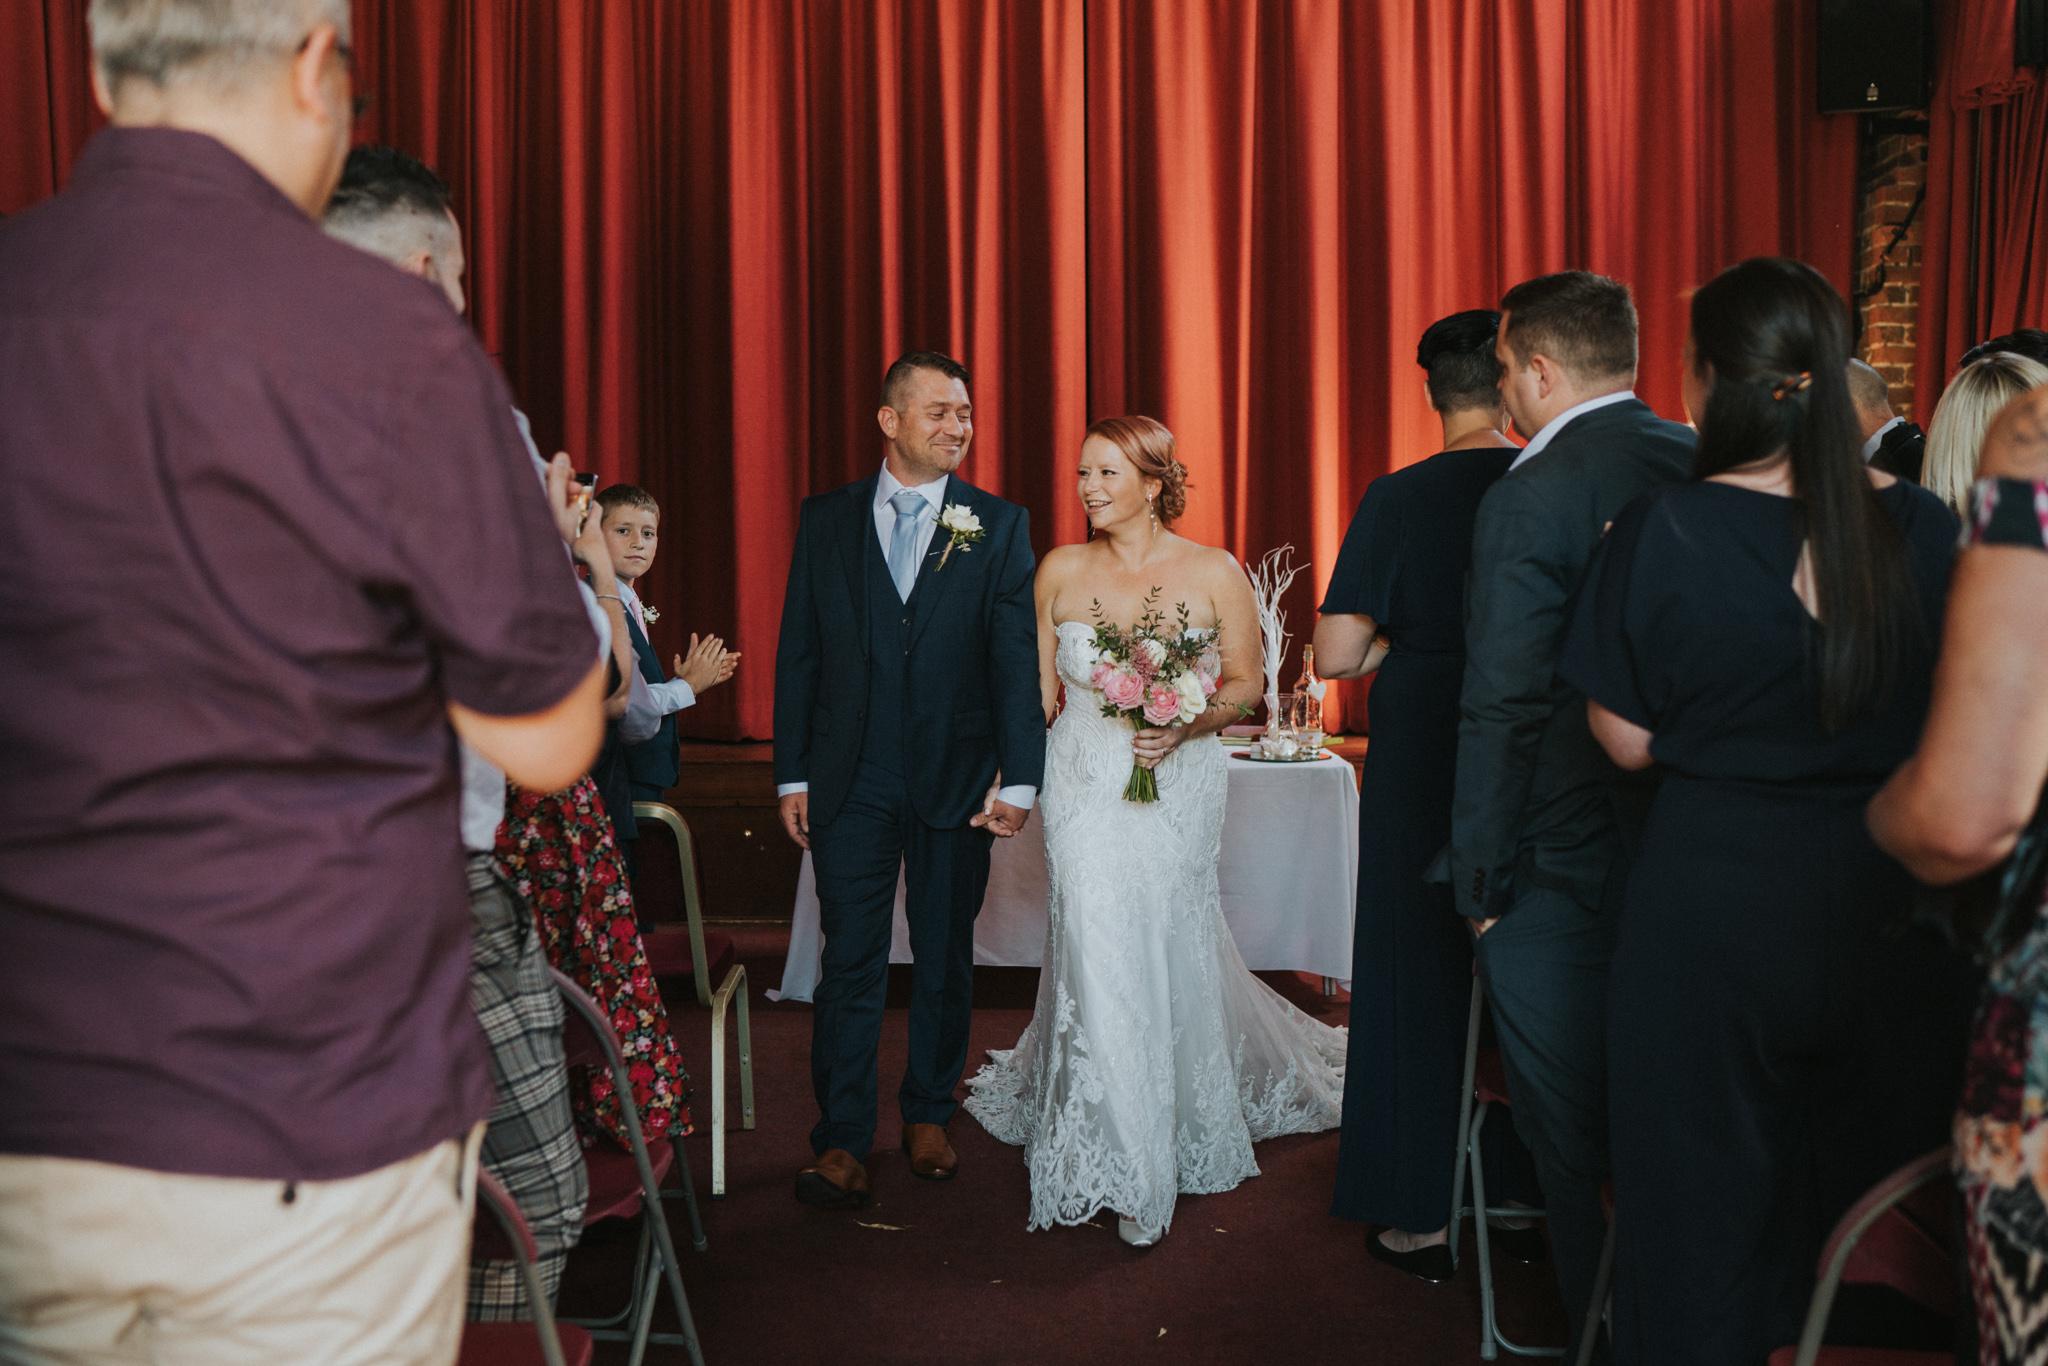 steph-neil-red-brick-barn-rochford-wedding-grace-elizabeth-colchester-essex-alternative-wedding-photographer-essex-suffolk-norfolk-devon (18 of 43).jpg